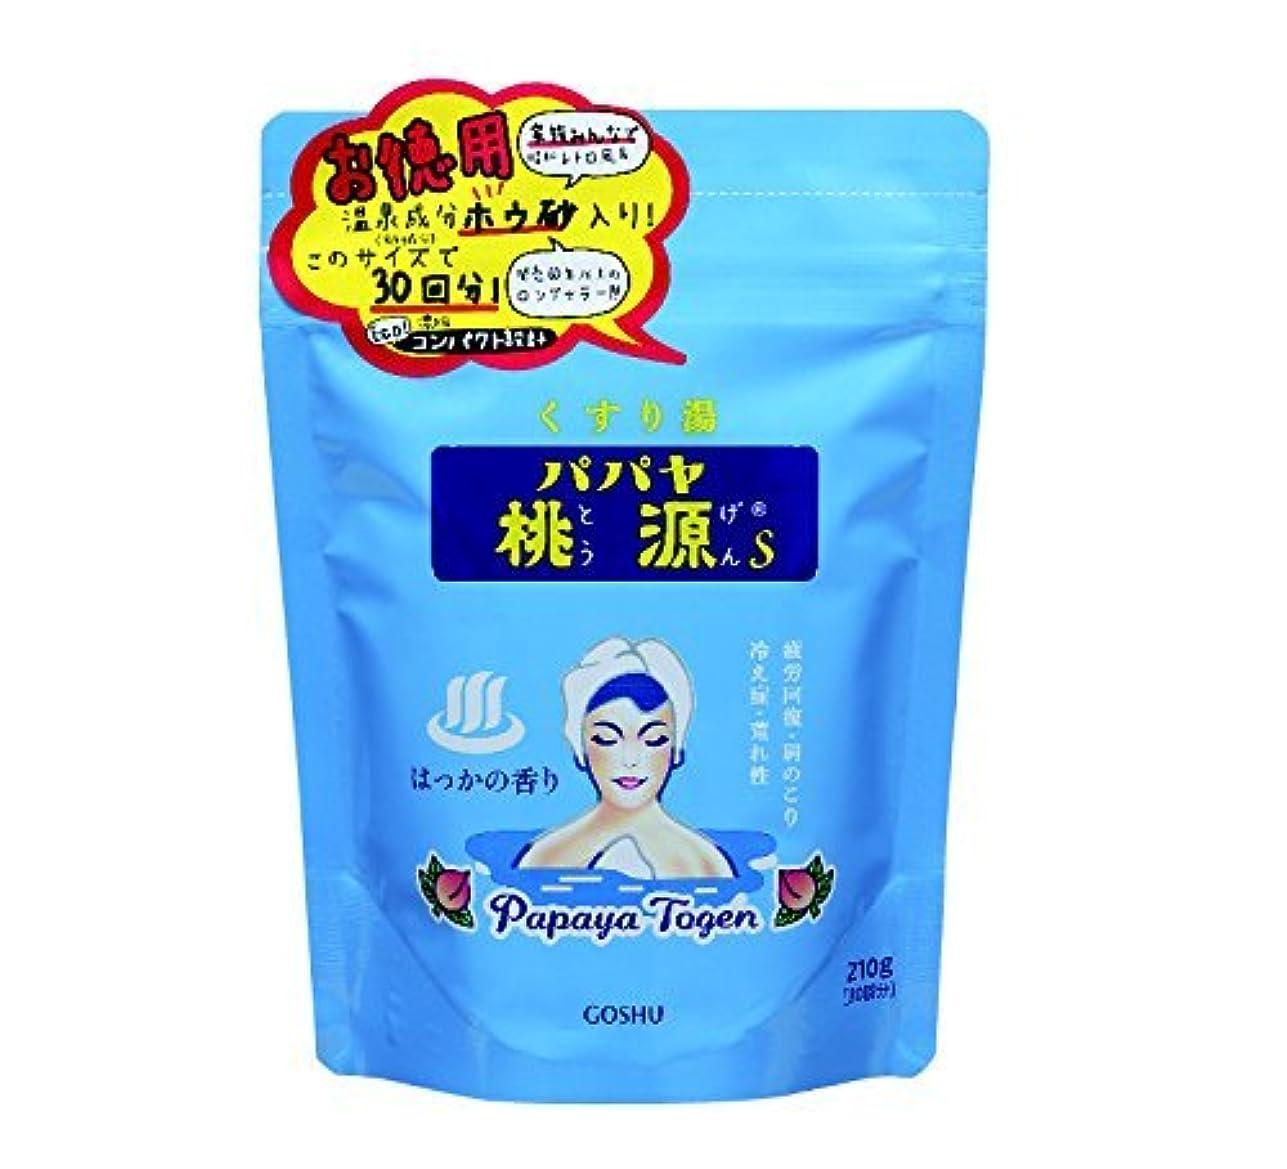 ロケーションリーフレットケントパパヤ桃源S210gパウチ ハッカの香り [医薬部外品]